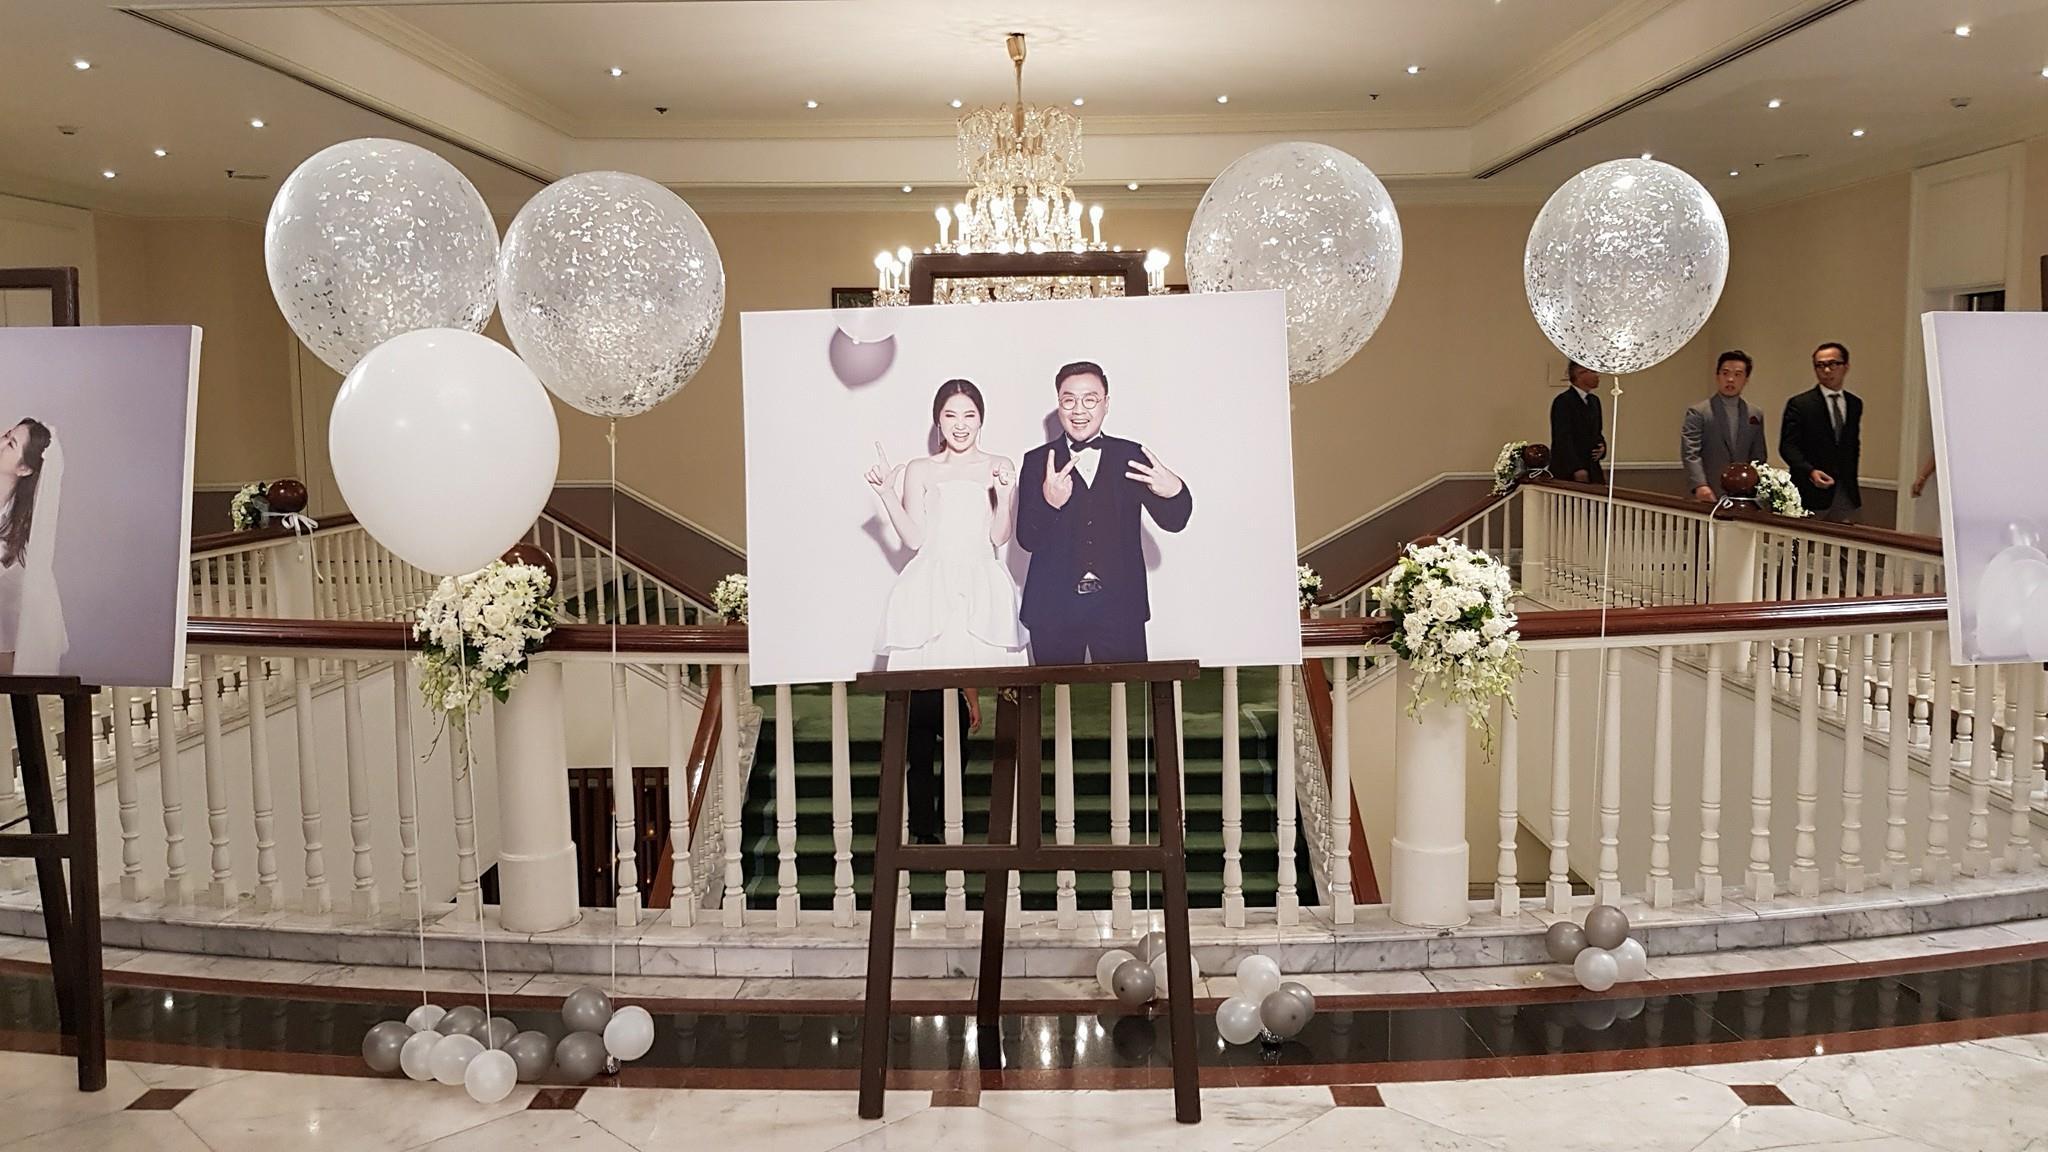 Congrats to Khun Aon&Koy